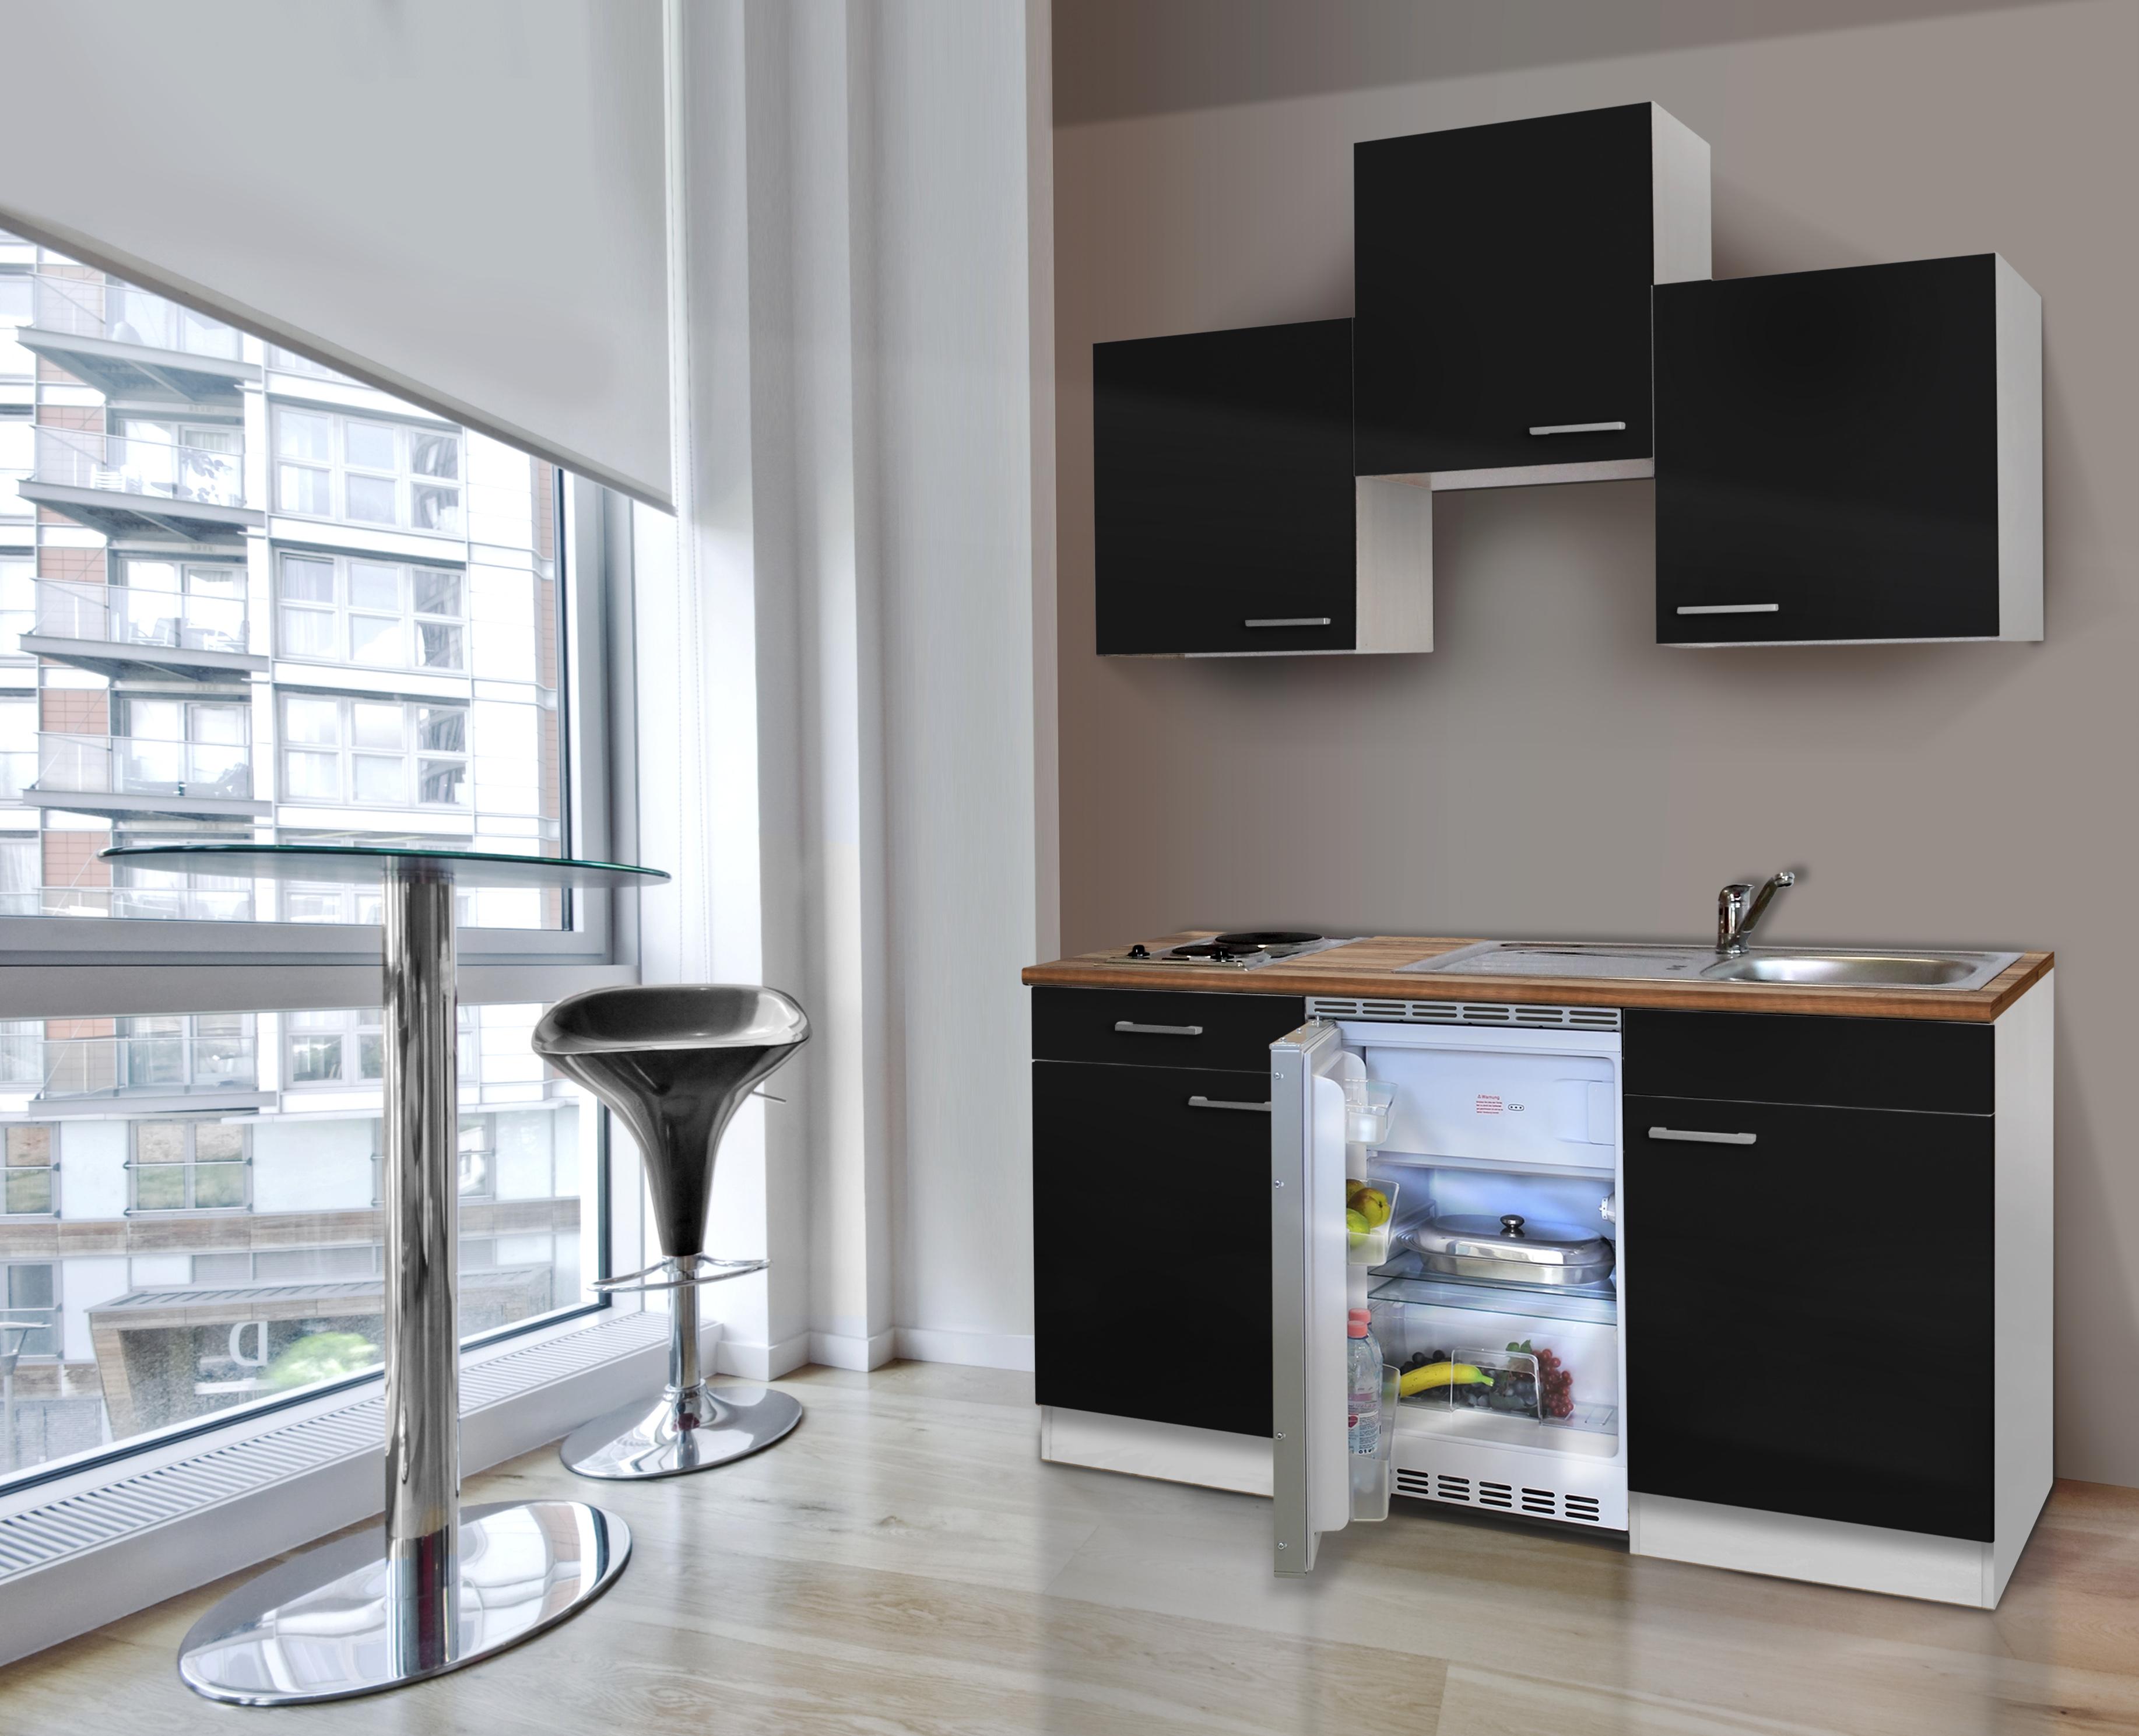 respekta Küche Miniküche Singleküche Küchenzeile Küchenblock 150 cm weiß schwarz